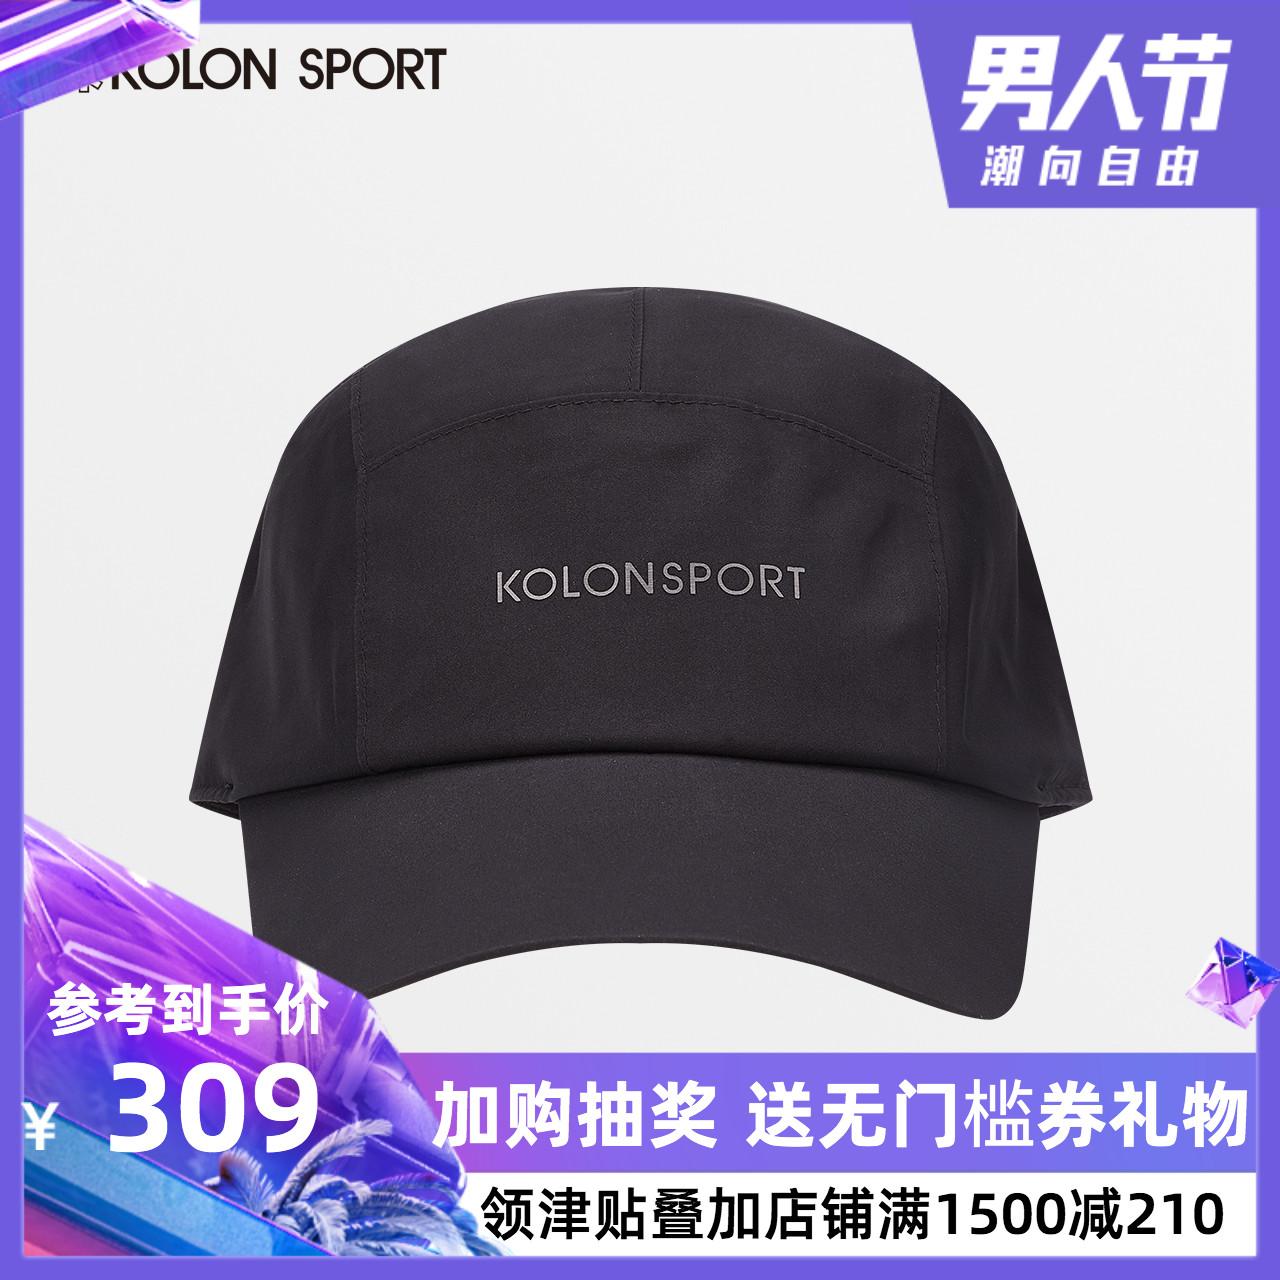 KOLONSPORT可隆男帽2019夏季新款Gore-tex面料透气防泼水遮阳帽